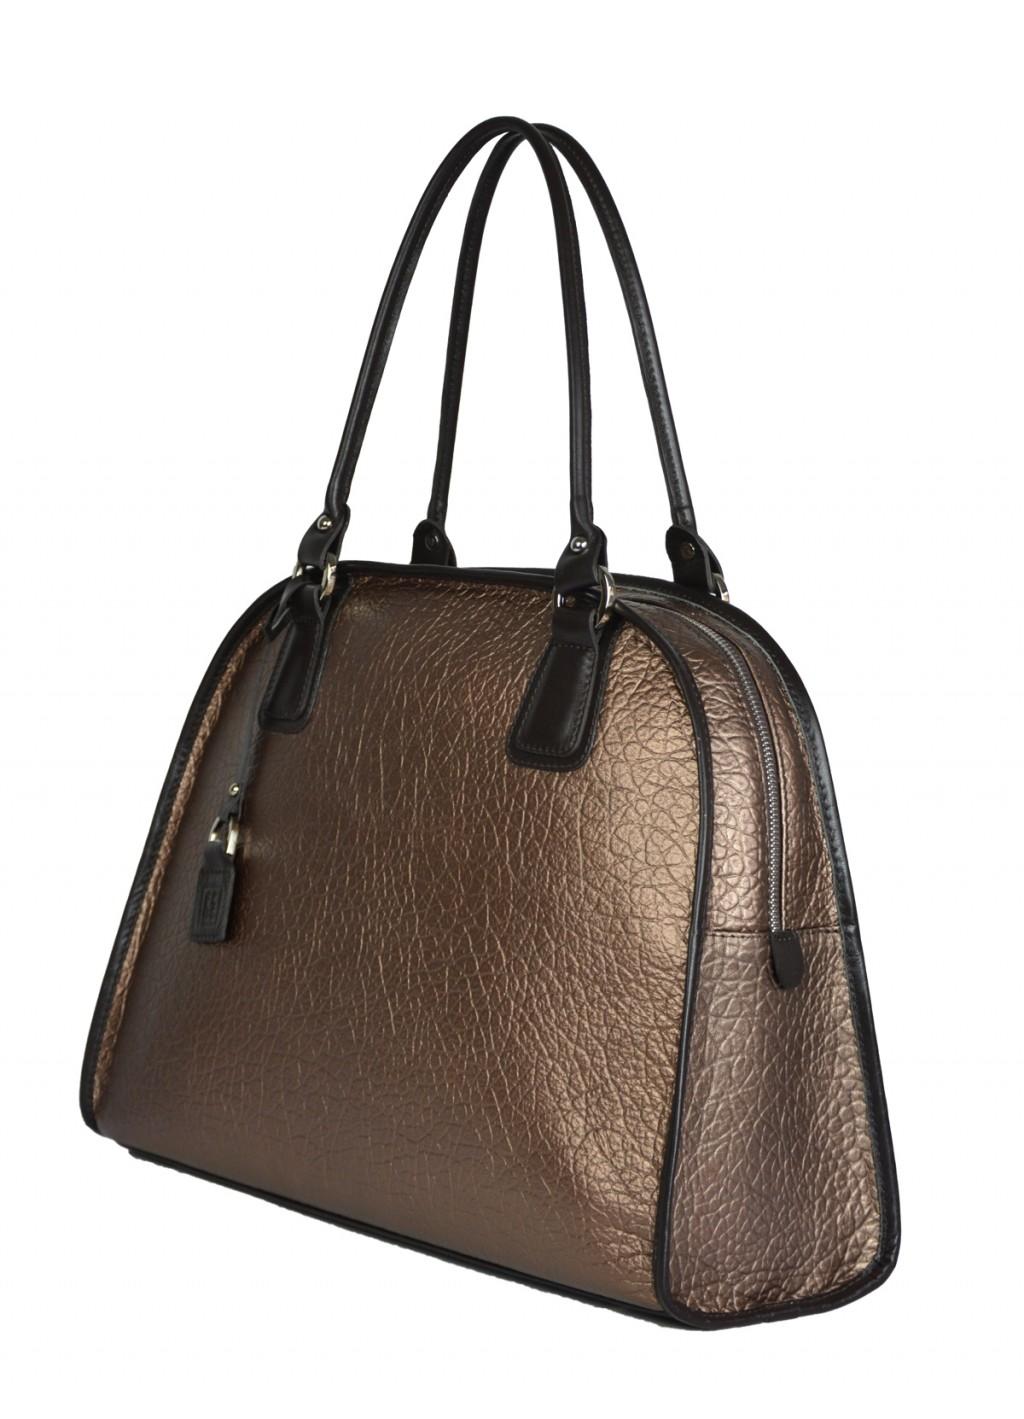 Dámská kožená kabelka FACEBAG RITA - Metalický bronz + tmavá hnědá